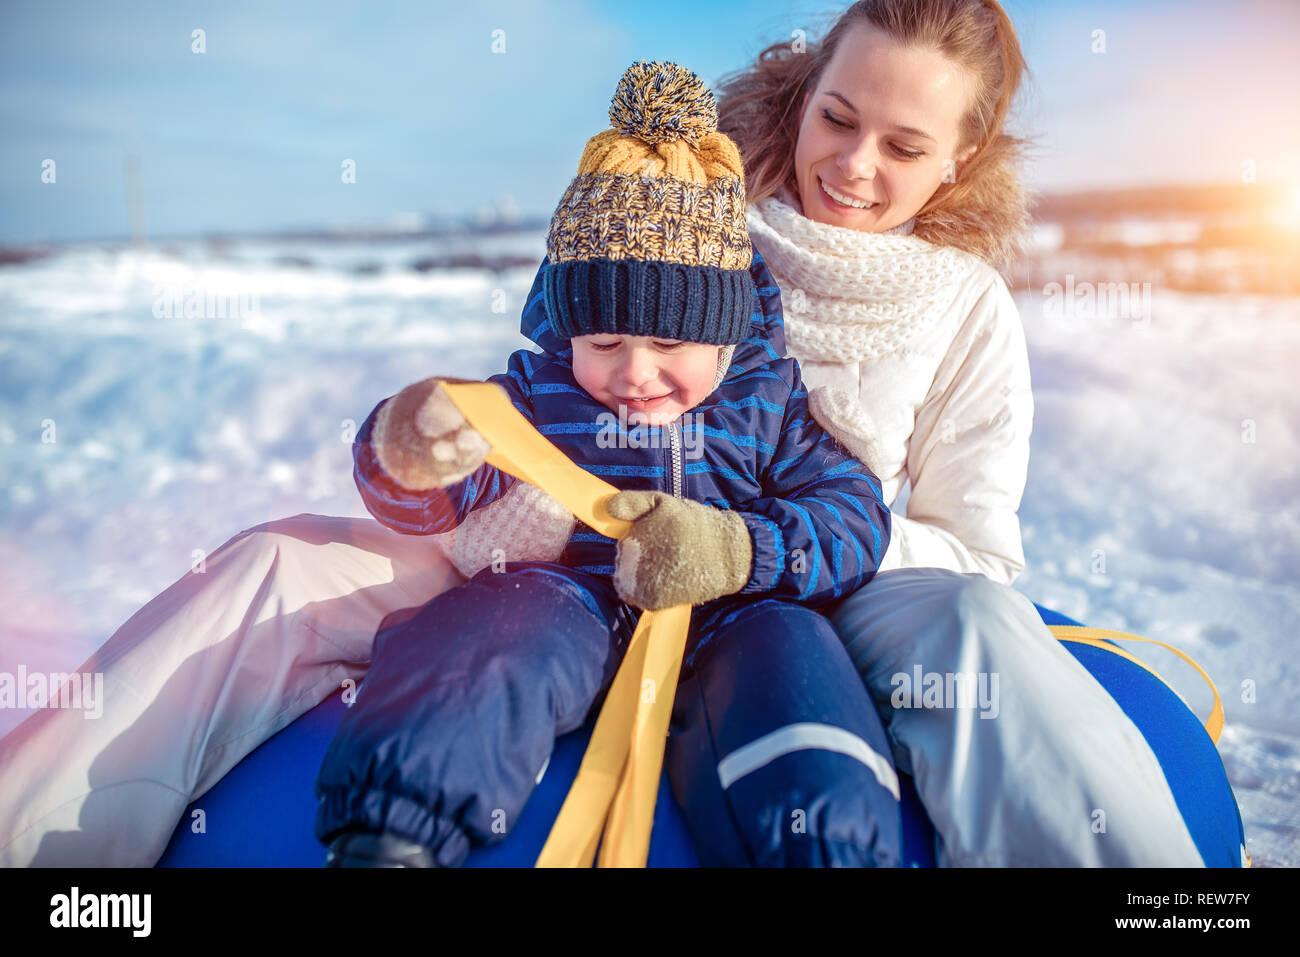 Jeune femme heureuse mère souriant, assis sur tube avec son fils garçon 3-6 ans, jouer à scrabing en hiver. Reste en hiver matin dans la nature. Banque D'Images